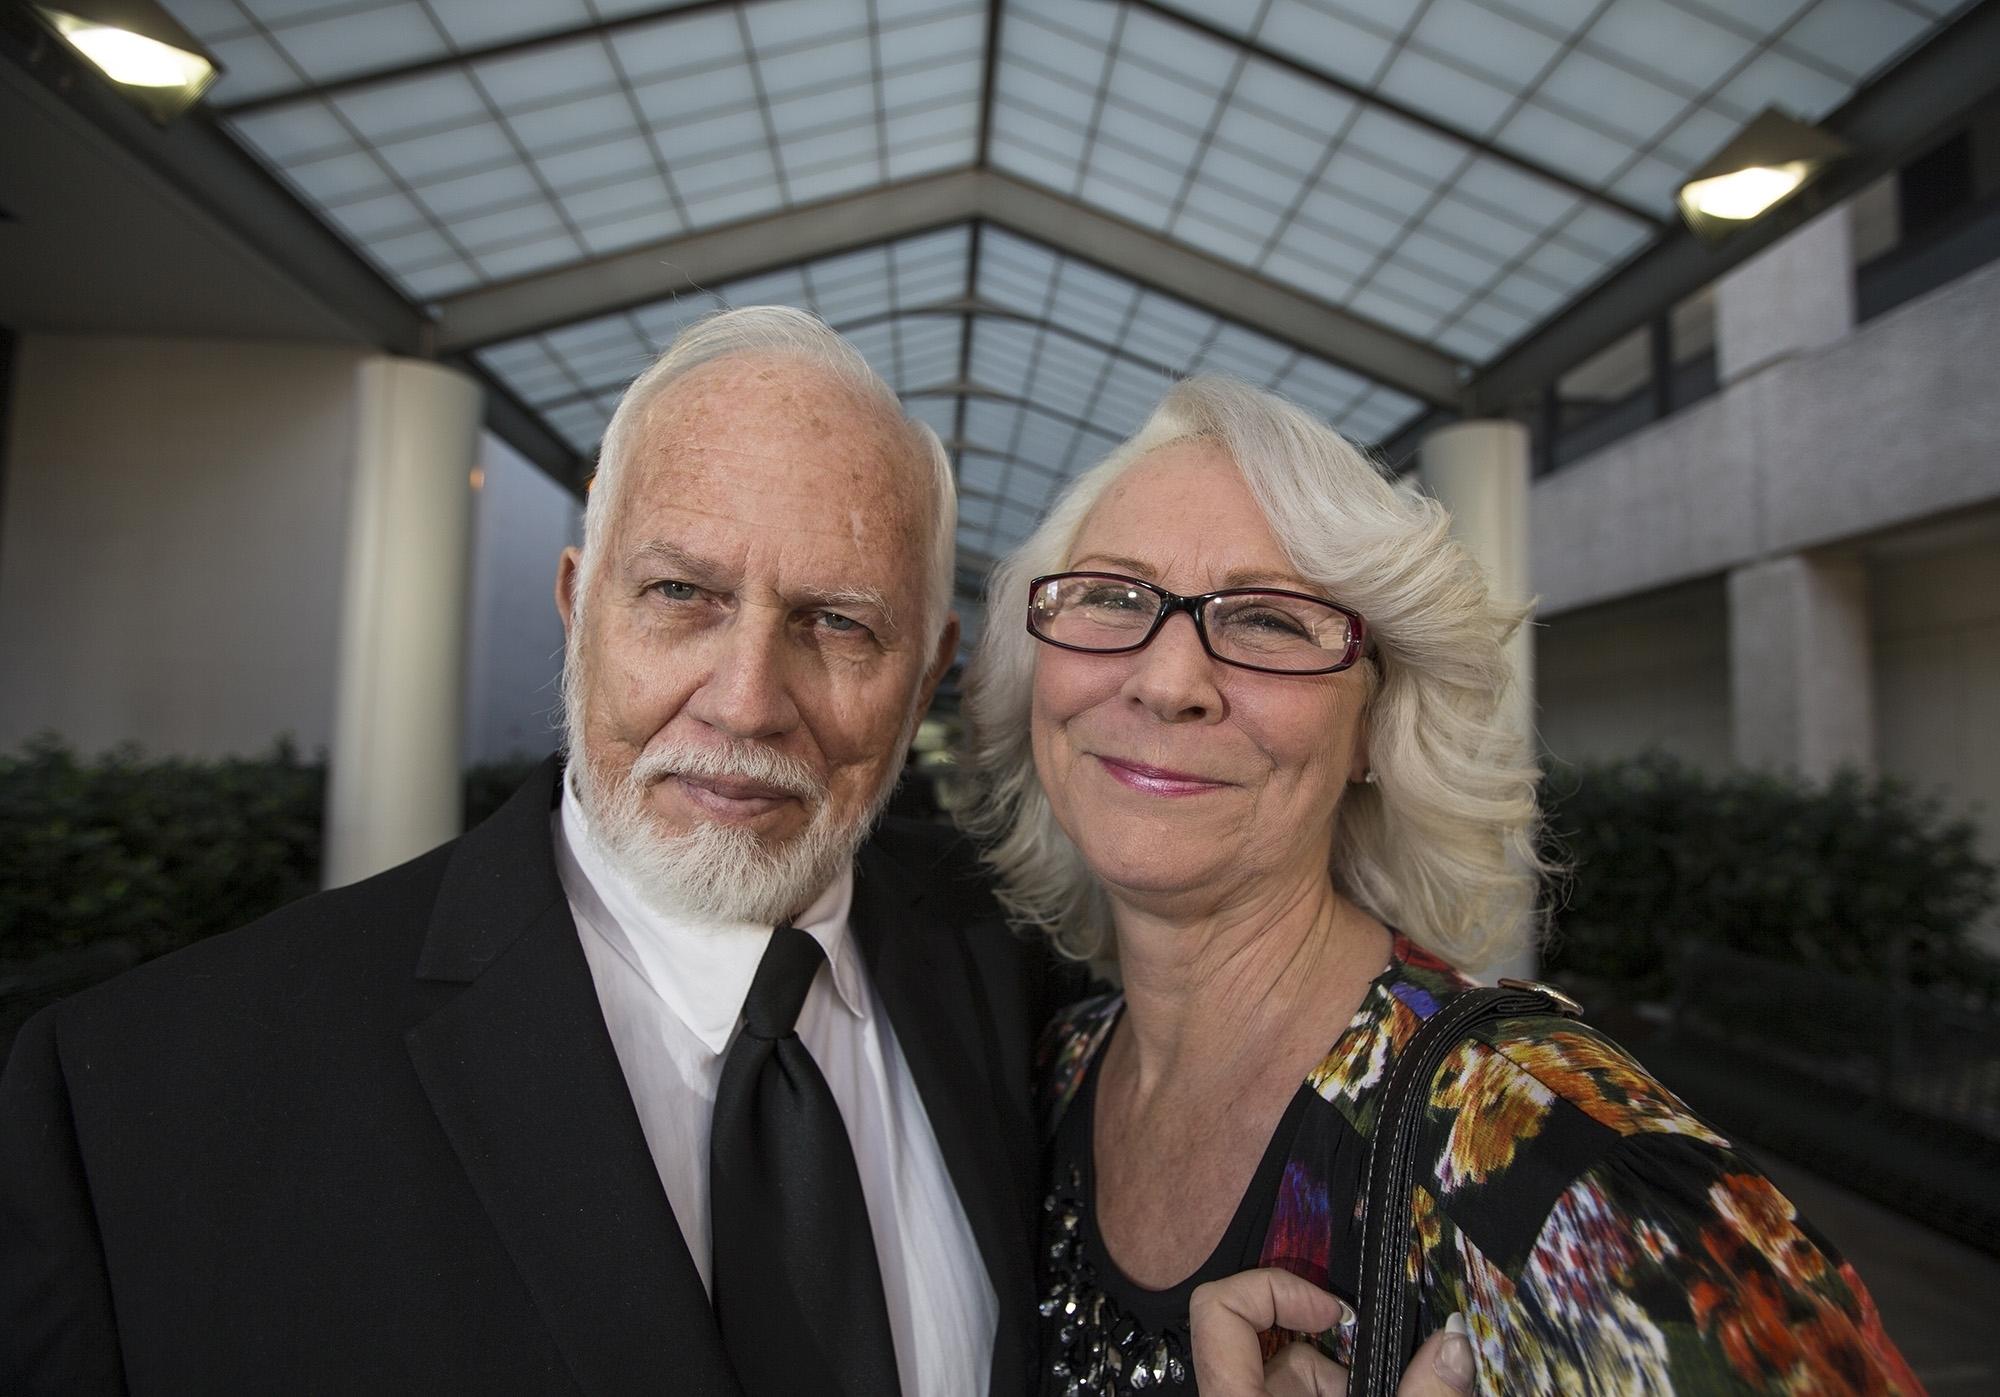 Dan and Fran Keller